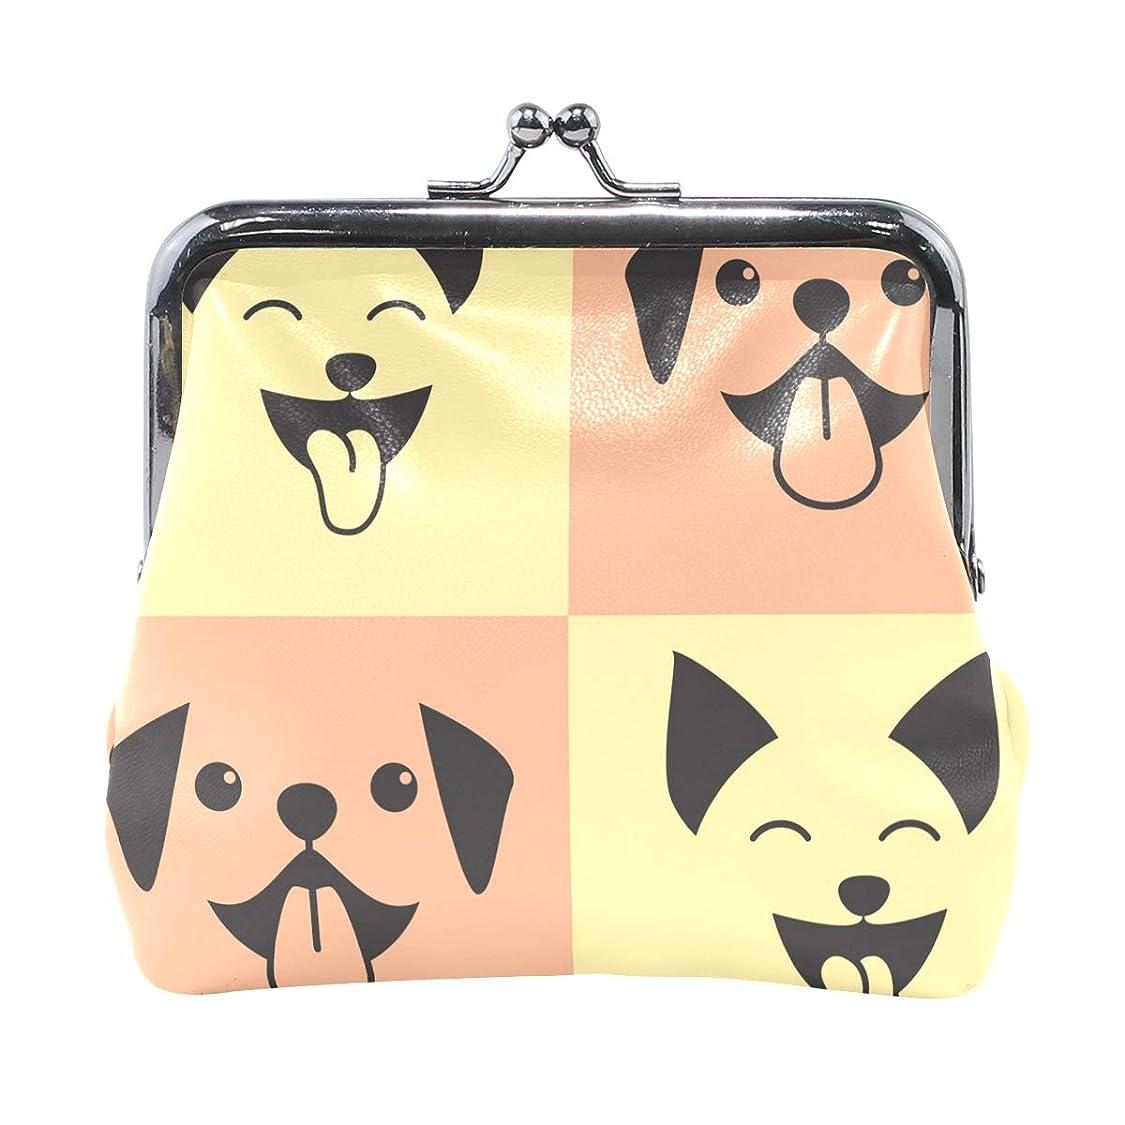 代理店不従順鼻がま口 財布 口金 小銭入れ ポーチ 柴犬 かわいい ANNSIN バッグ かわいい 高級レザー レディース プレゼント ほど良いサイズ